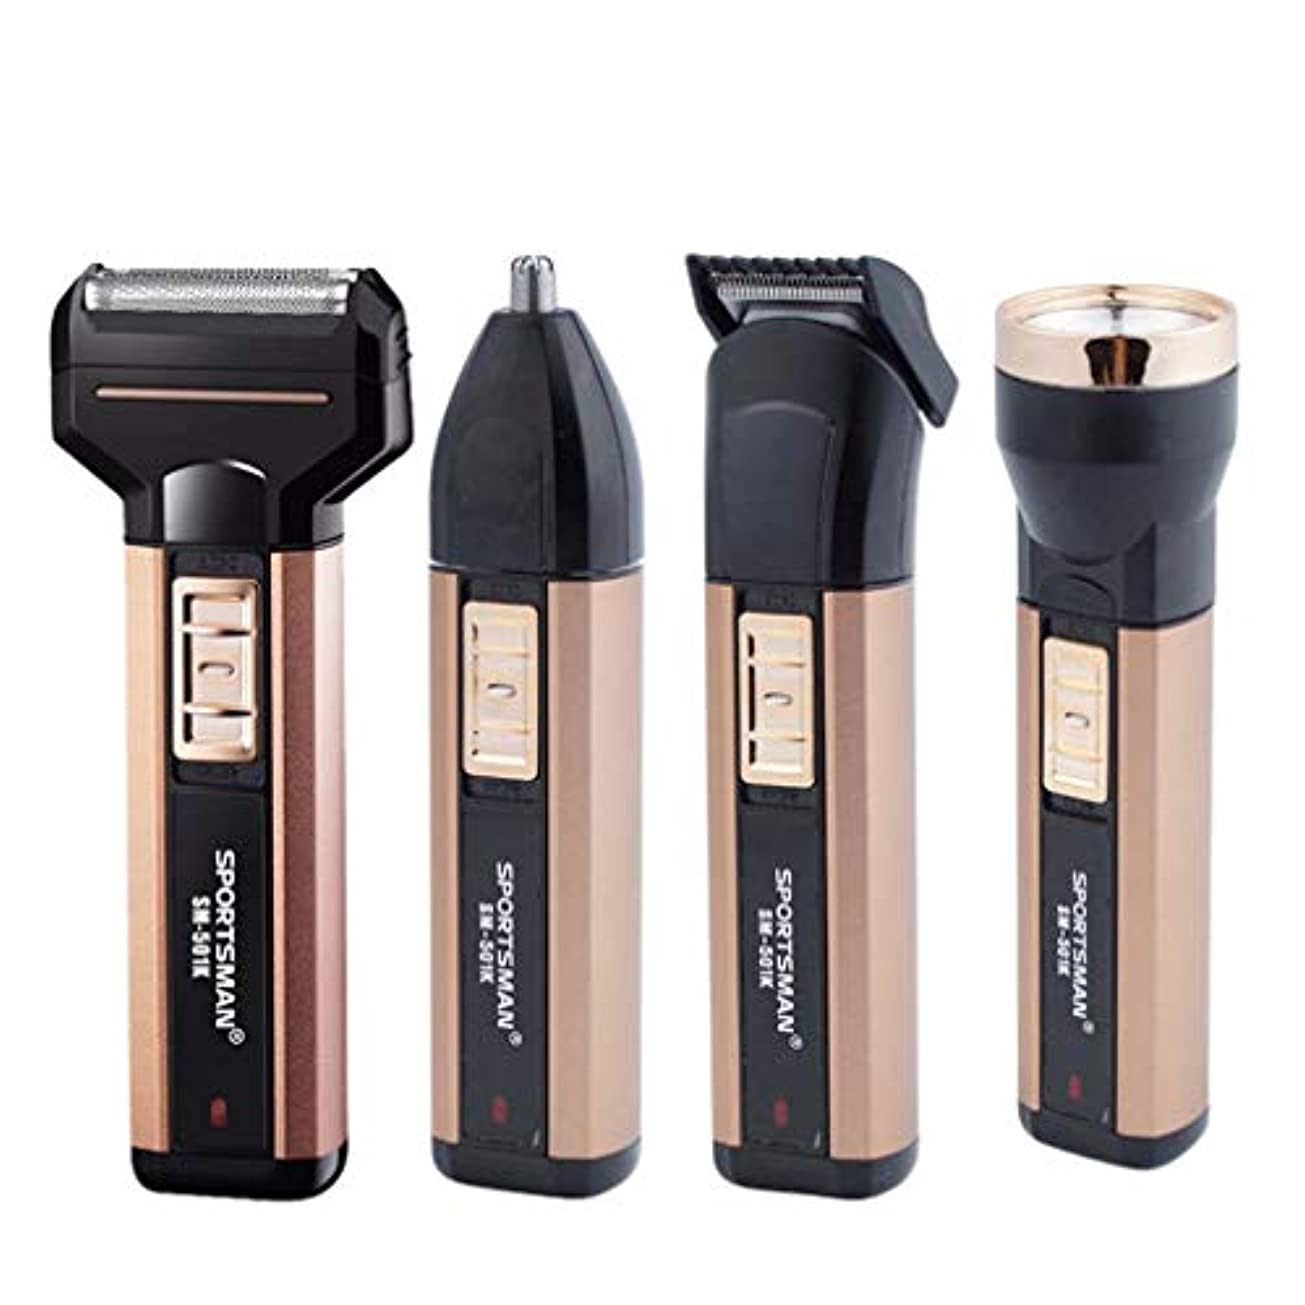 精神固めるとらえどころのない男性コードレス口ひげトリマーヘアートリマープレシジョントリマー鼻毛トリマー防水USB充電式のためのトリマー